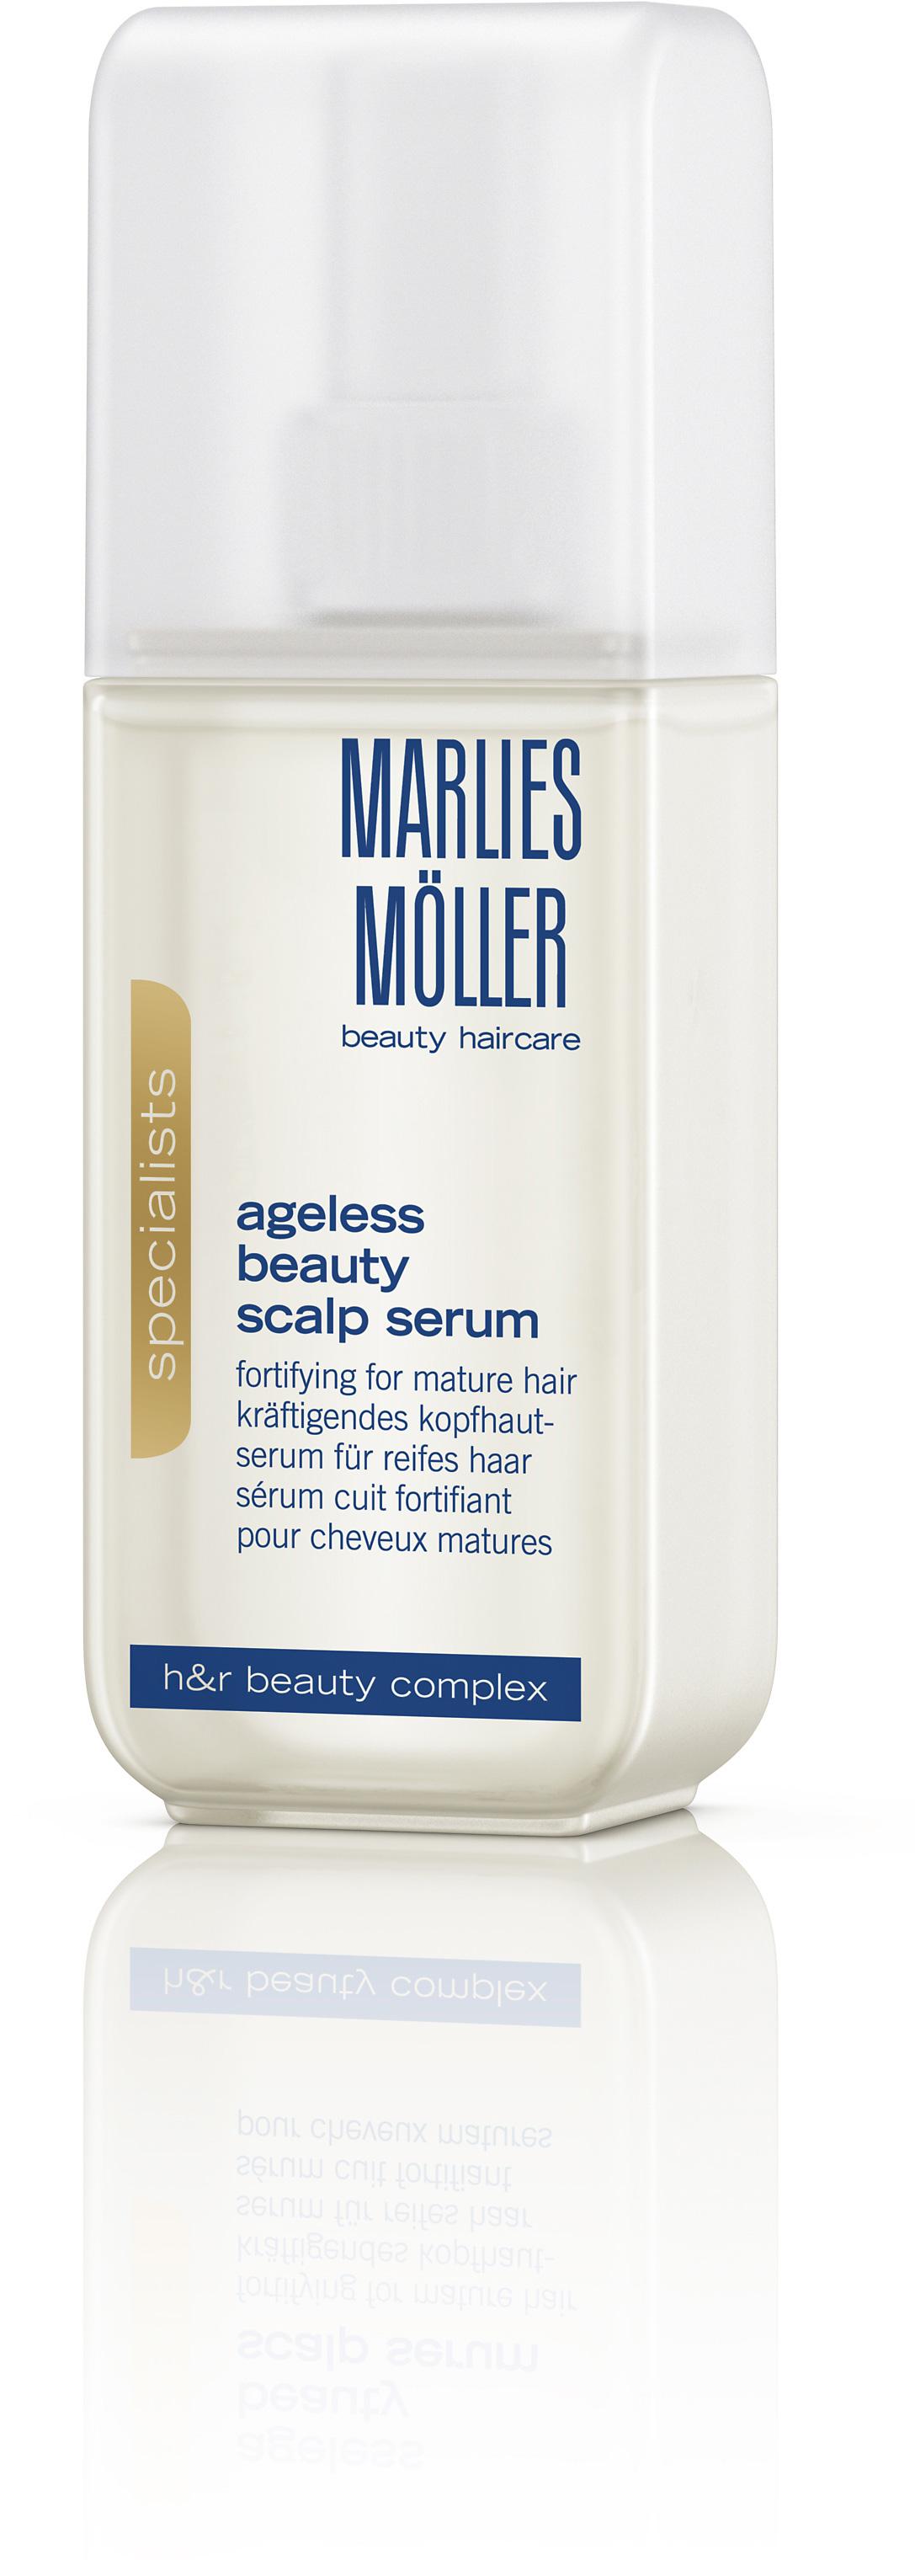 Marlies Möller Ageless Fortifying Scalp Serum 100 ml